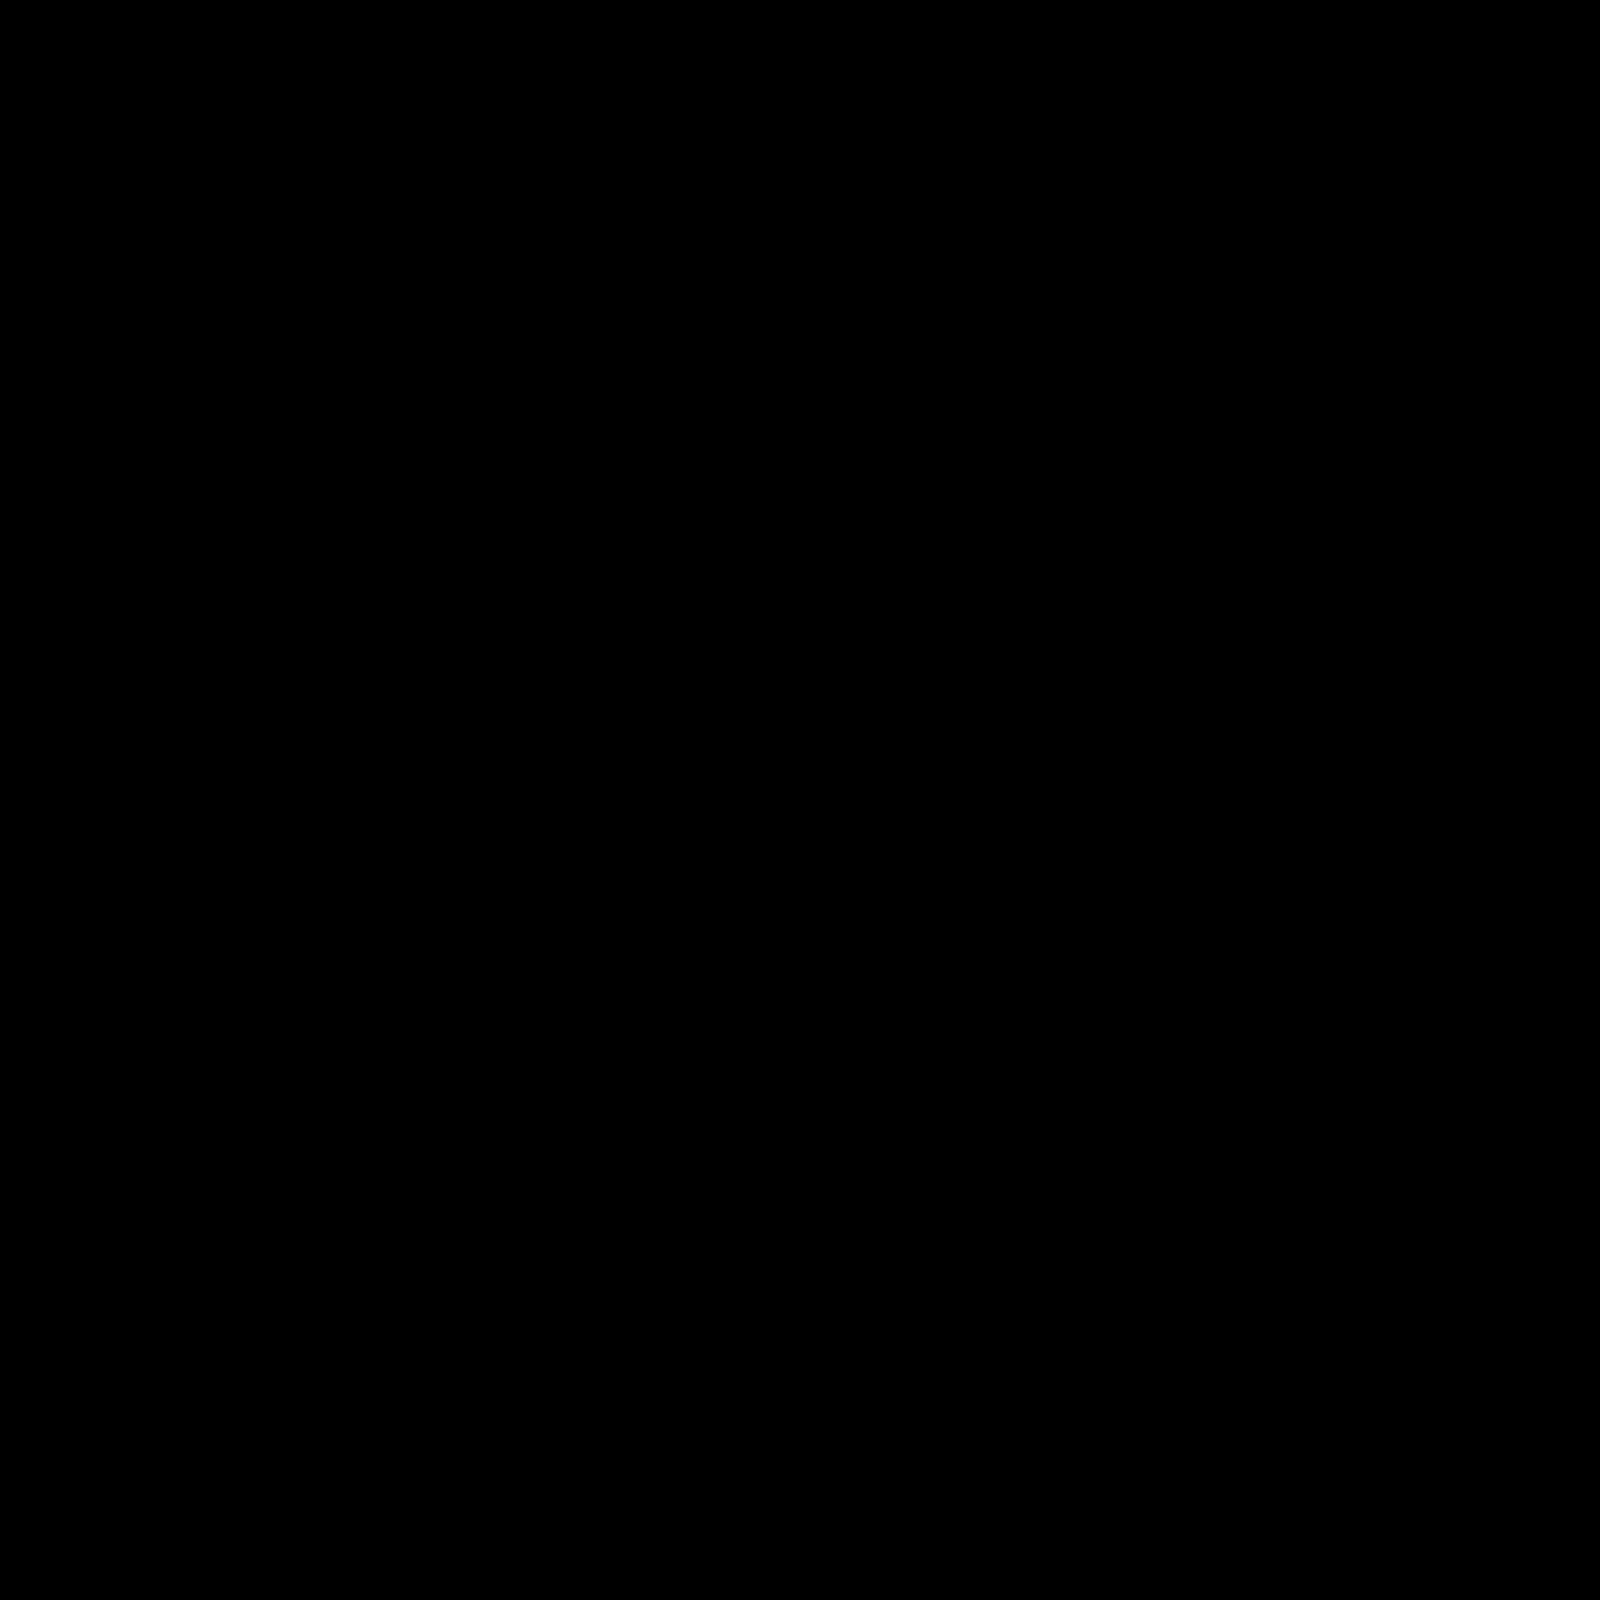 tesla-logo-filled